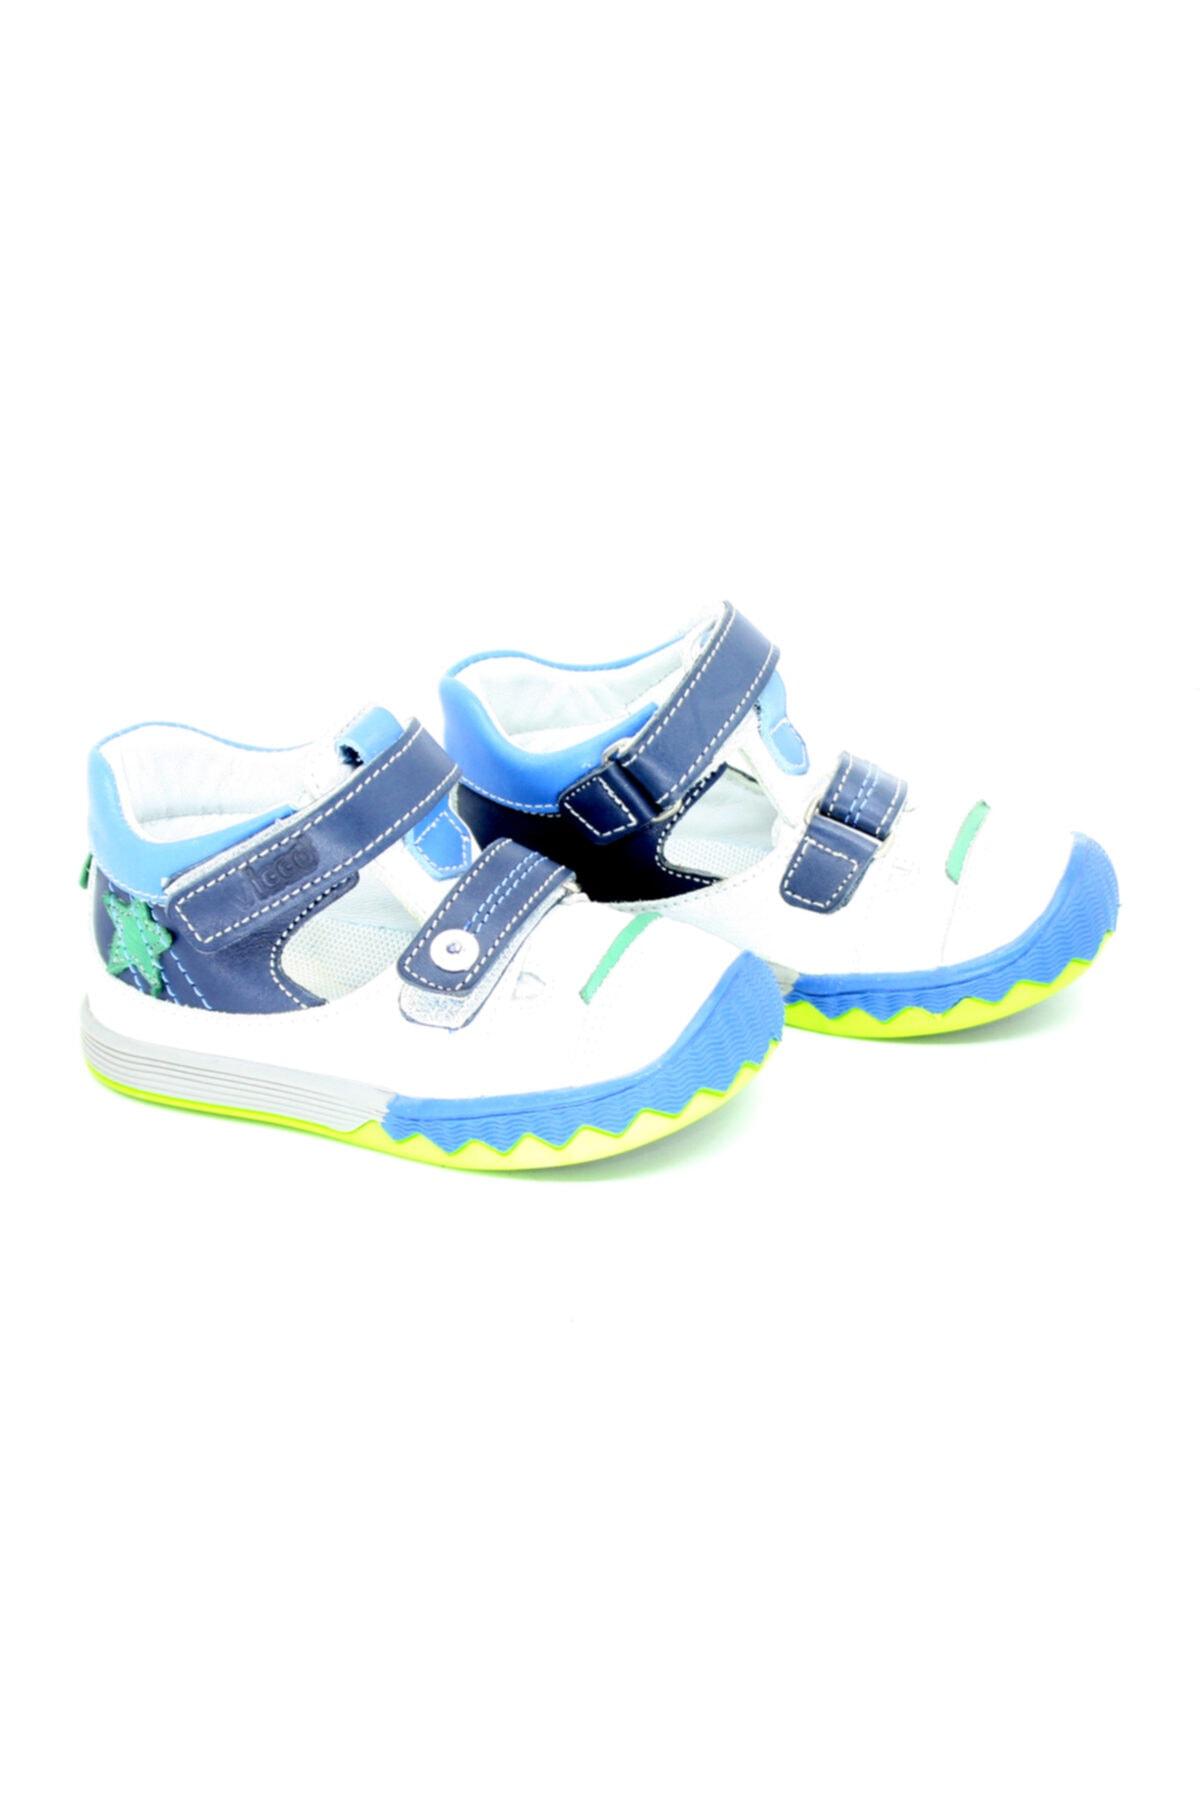 910065 Hakiki Deri Bebe Erkek Çocuk Ortepedik Rahat Cırtlı Ayakkabı